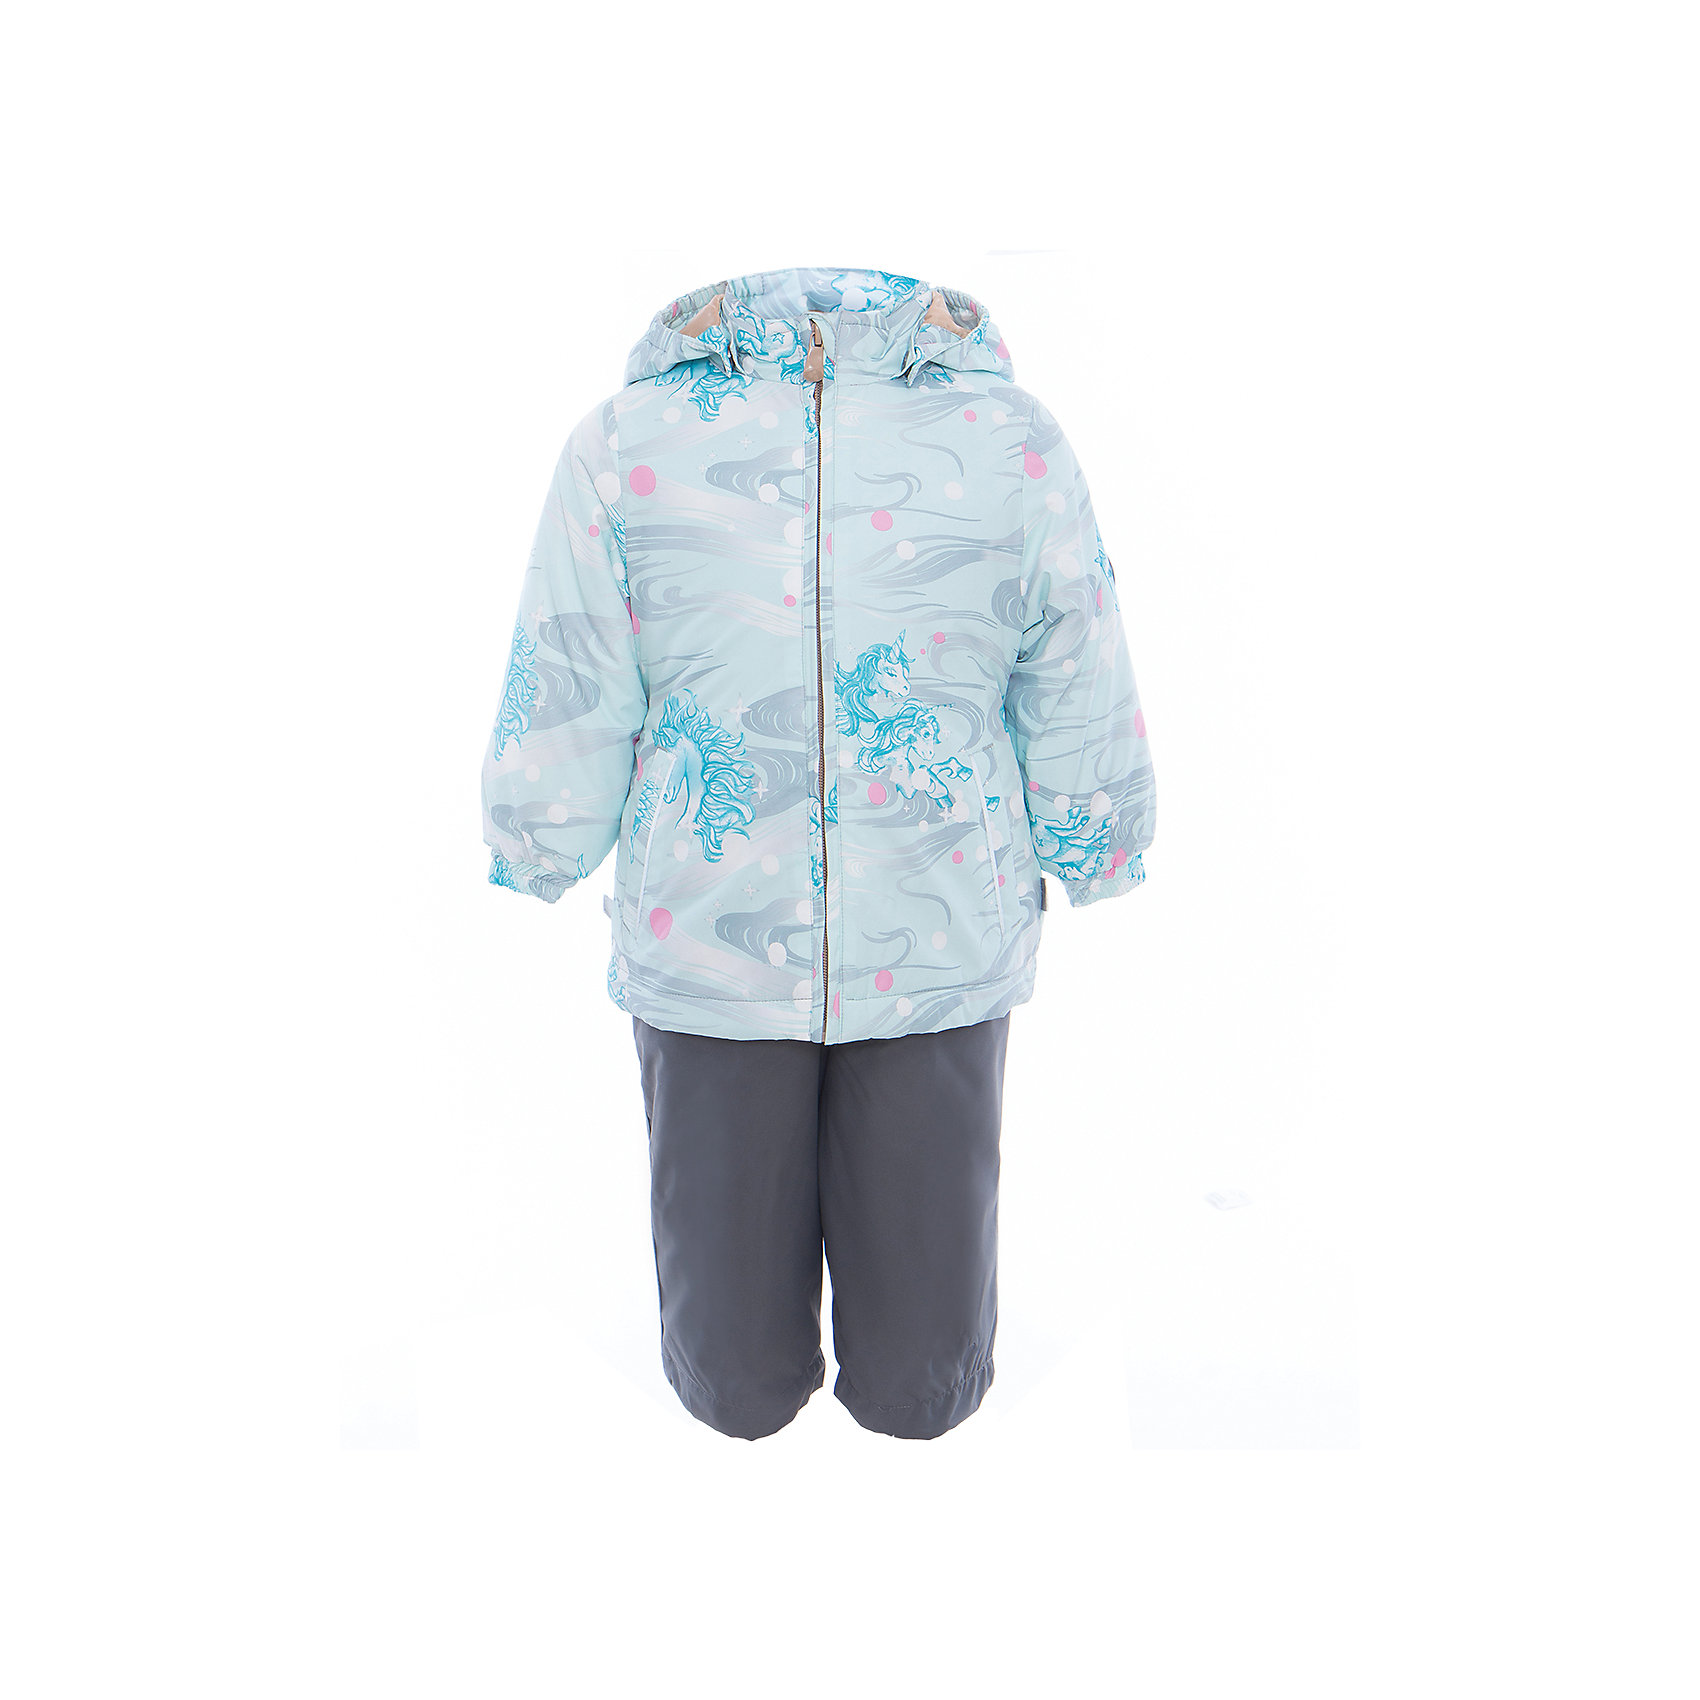 Комплект: куртка и полукомбинезон для девочки YONNE HuppaКомплекты<br>Характеристики товара:<br><br>• цвет: аква принт/серый<br>• комплектация: куртка и полукомбинезон <br>• ткань: 100% полиэстер<br>• подкладка: тафта - 100% полиэстер<br>• утеплитель: куртка и полукомбинезон - 100% полиэстер 100 г.<br>• температурный режим: от -5°С до +10°С<br>• водонепроницаемость: верх - 5000 мм, низ - 10000 мм<br>• воздухопроницаемость: верх - 5000 мм, низ - 10000 мм<br>• светоотражающие детали<br>• шов сидения проклеен<br>• съёмный капюшон с резинкой<br>• защита подбородка от молнии<br>• эластичные манжеты на рукавах<br>• регулируемый низ брючин<br>• эластичный шнур с фиксатором внизу брючин<br>• без внутренних швов<br>• резиновые подтяжки<br>• коллекция: весна-лето 2017<br>• страна бренда: Эстония<br><br>Такой модный демисезонный комплект  обеспечит детям тепло и комфорт. Он сделан из материала, отталкивающего воду, и дополнен подкладкой с утеплителем, поэтому изделие идеально подходит для межсезонья. Материал изделий - с мембранной технологией: защищая от влаги и ветра, он легко выводит лишнюю влагу наружу. Комплект очень симпатично смотрится. <br><br>Одежда и обувь от популярного эстонского бренда Huppa - отличный вариант одеть ребенка можно и комфортно. Вещи, выпускаемые компанией, качественные, продуманные и очень удобные. Для производства изделий используются только безопасные для детей материалы. Продукция от Huppa порадует и детей, и их родителей!<br><br>Комплект: куртка и полукомбинезон YONNE от бренда Huppa (Хуппа) можно купить в нашем интернет-магазине.<br><br>Ширина мм: 356<br>Глубина мм: 10<br>Высота мм: 245<br>Вес г: 519<br>Цвет: зеленый<br>Возраст от месяцев: 72<br>Возраст до месяцев: 84<br>Пол: Женский<br>Возраст: Детский<br>Размер: 122,80,86,92,98,104,110,116<br>SKU: 5346608